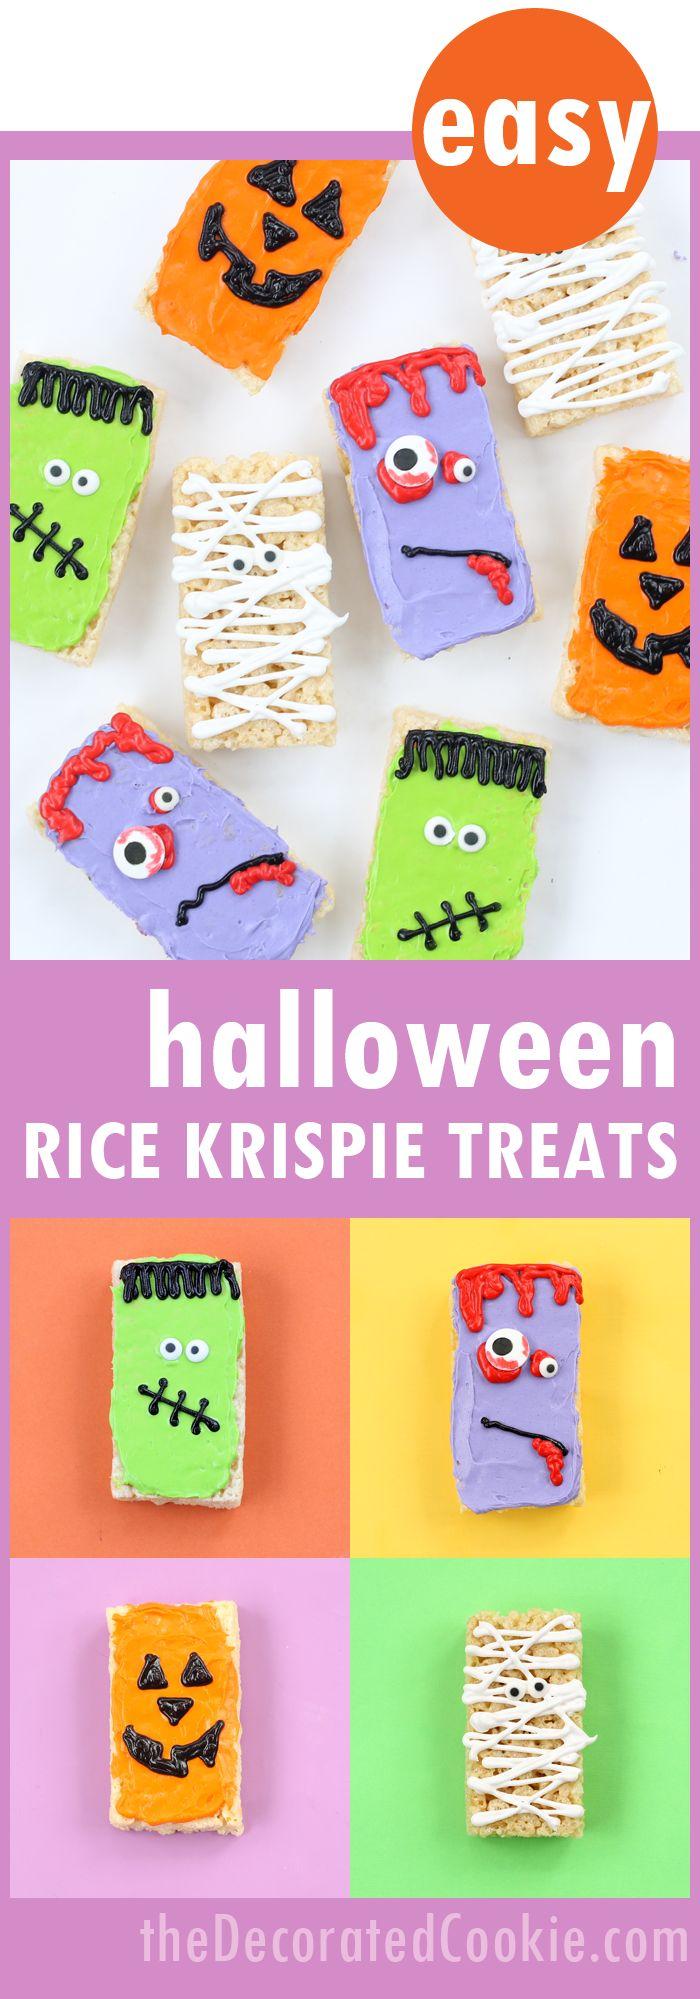 1083 besten halloween foods bilder auf pinterest for Quick and easy halloween treats to make